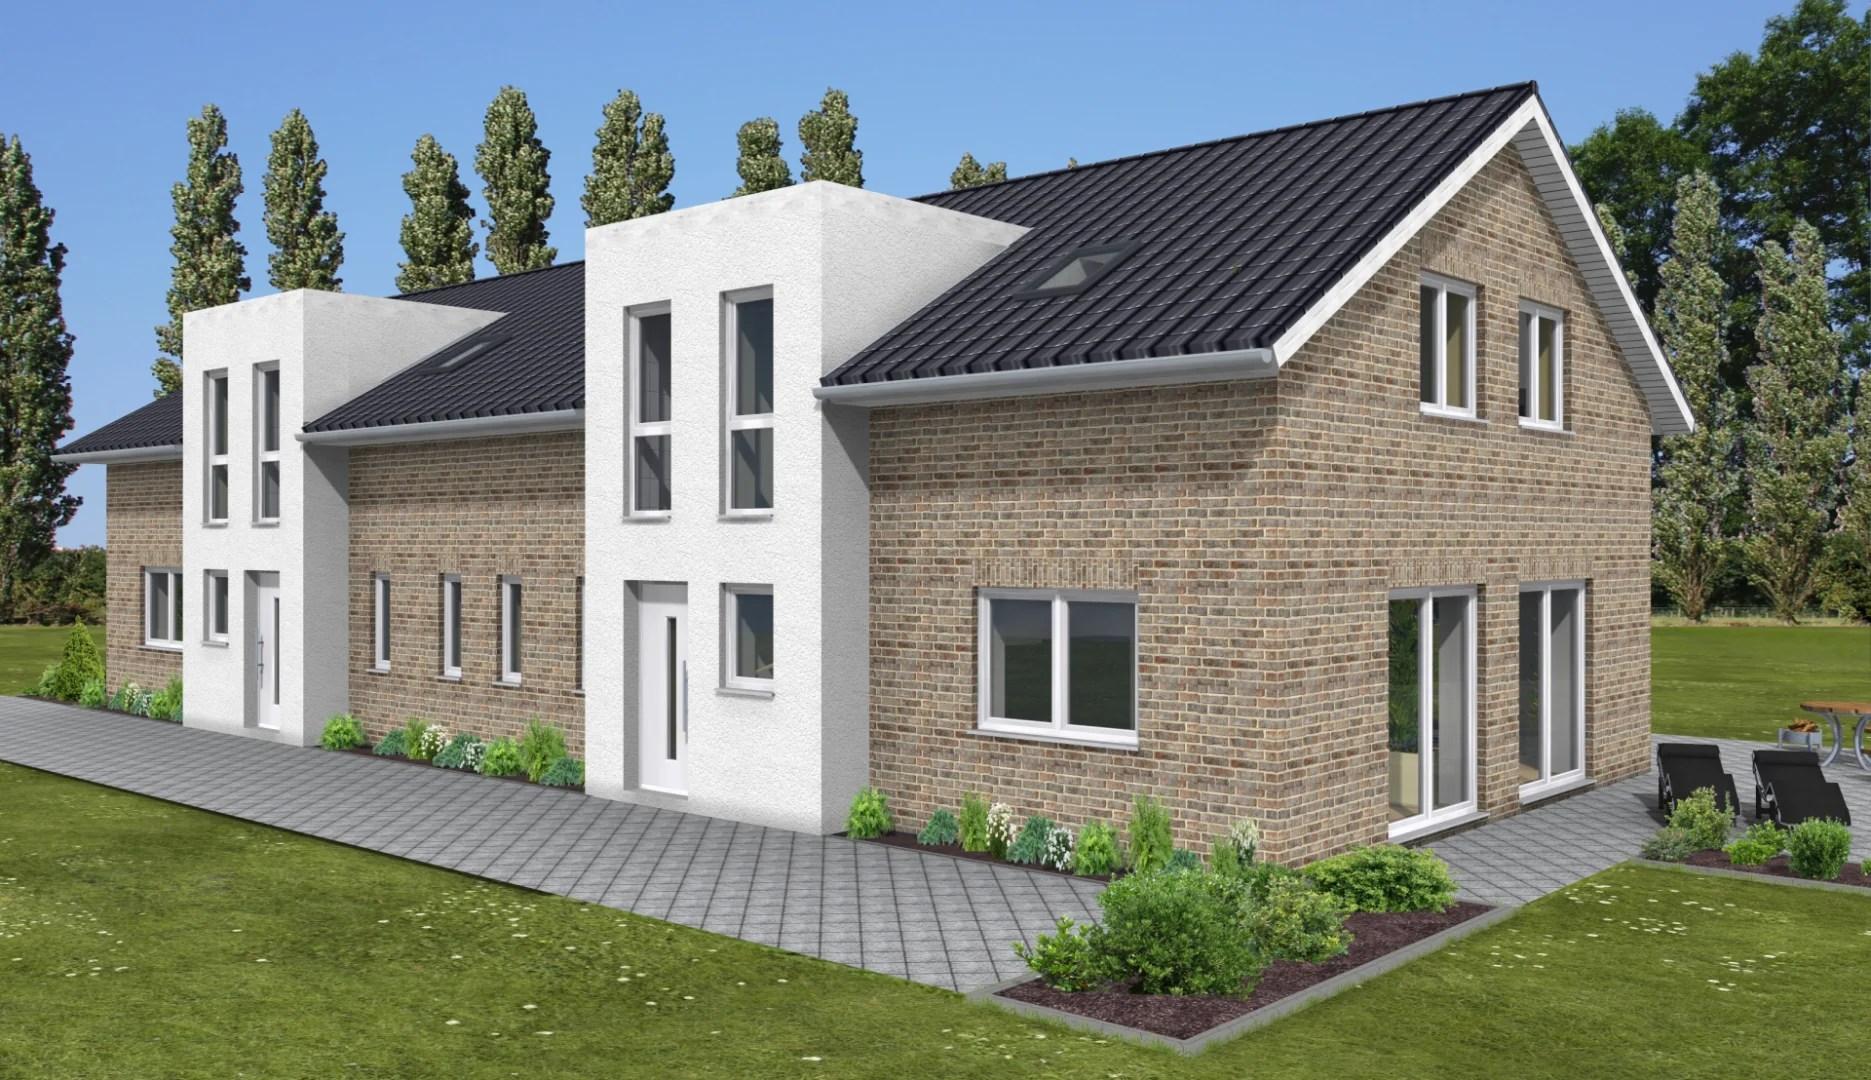 Neubau in Küstennähe, DHH inkl. Südgrundstück in Varel, KfW 55 Energie-Effizienshaus I GSNR 5 I Exposé Nr: 119/19